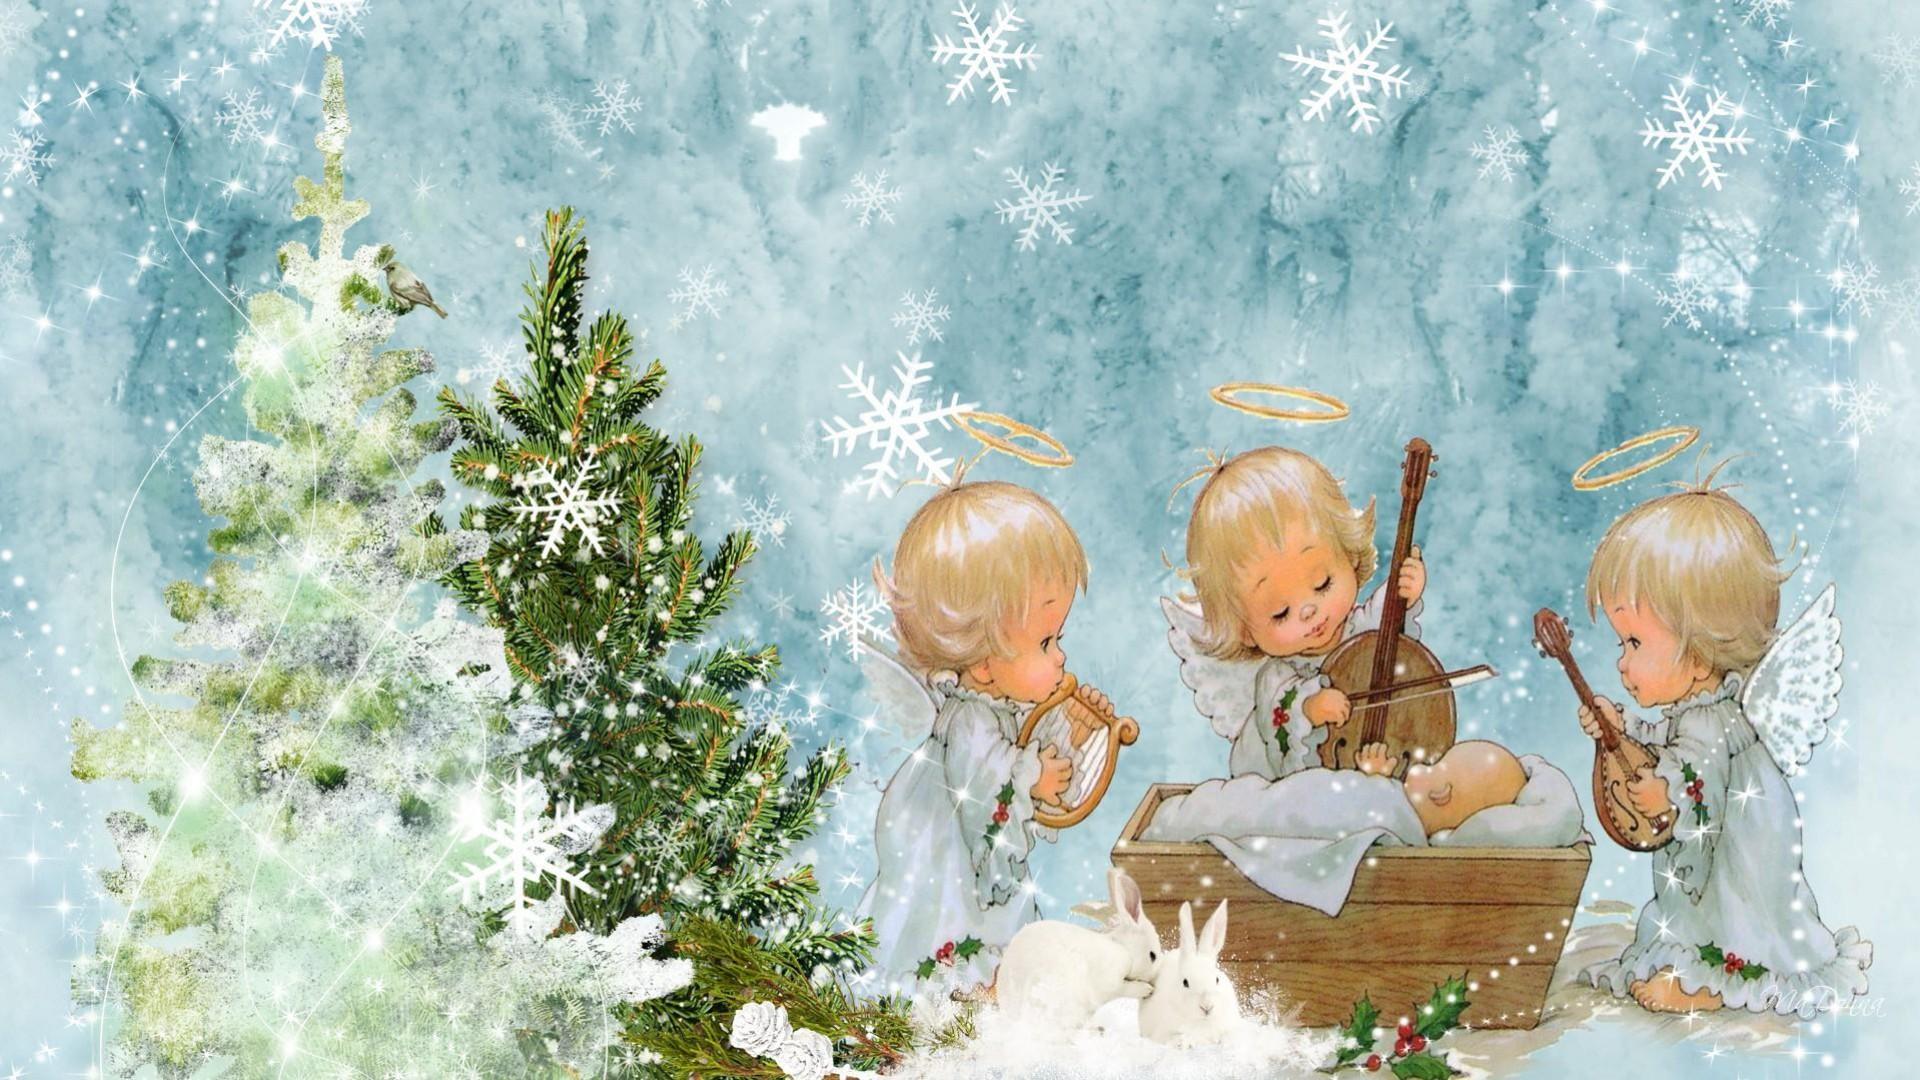 Ангел рождество Angel Christmas в хорошем качестве